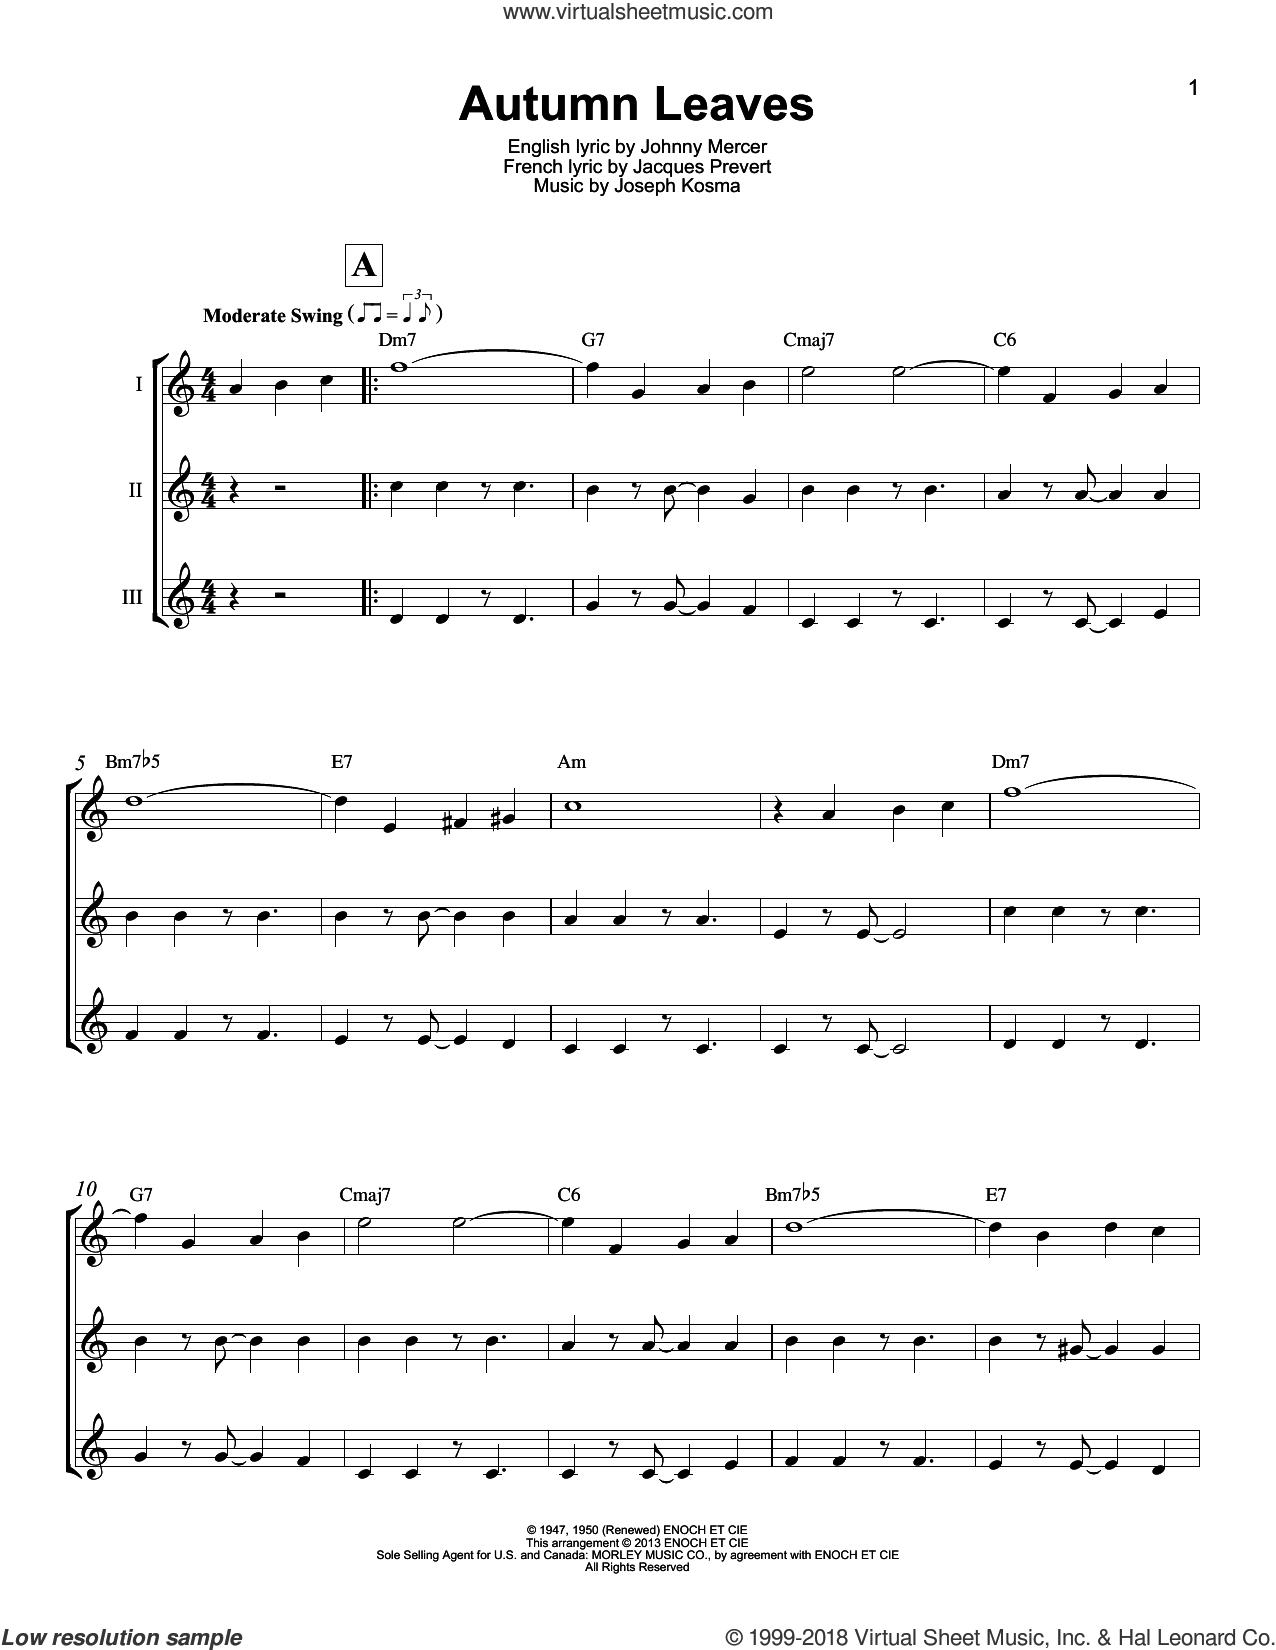 Autumn Leaves sheet music for ukulele ensemble by Johnny Mercer, Mitch Miller, Roger Williams, Jacques Prevert and Joseph Kosma, intermediate skill level